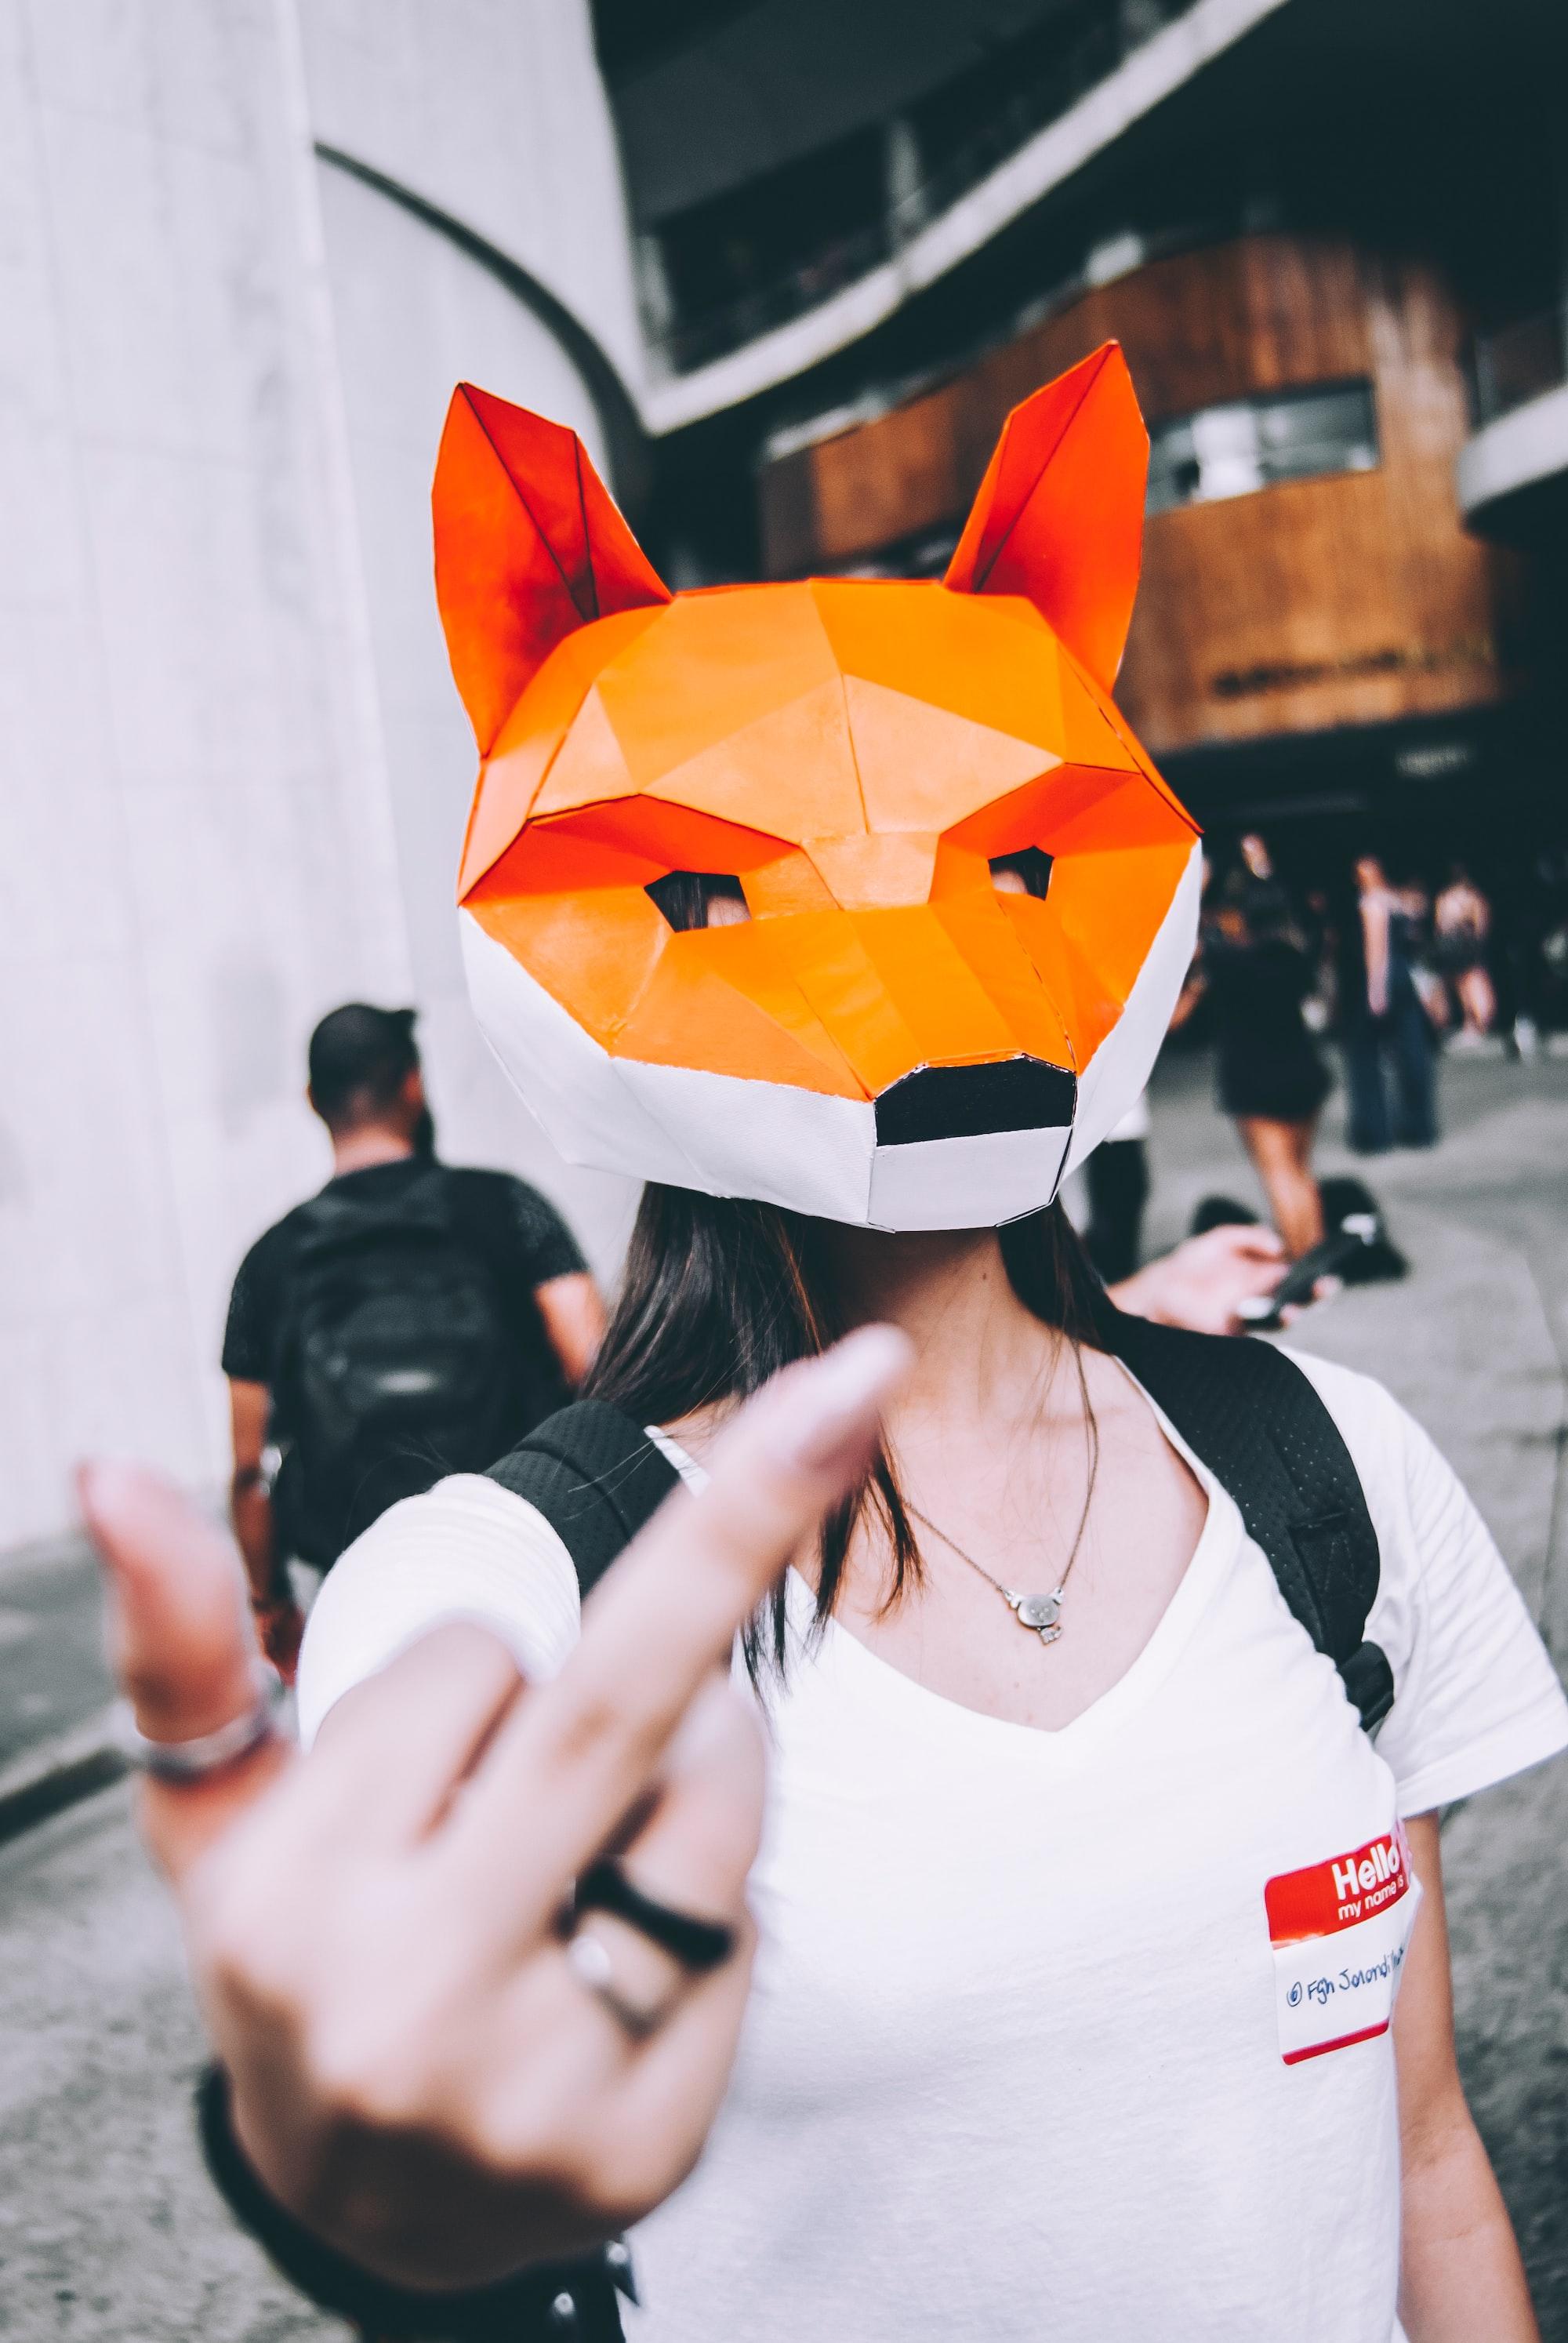 EXPOSED! Mozilla, A Non-Profit Putting Revenue Before Privacy.